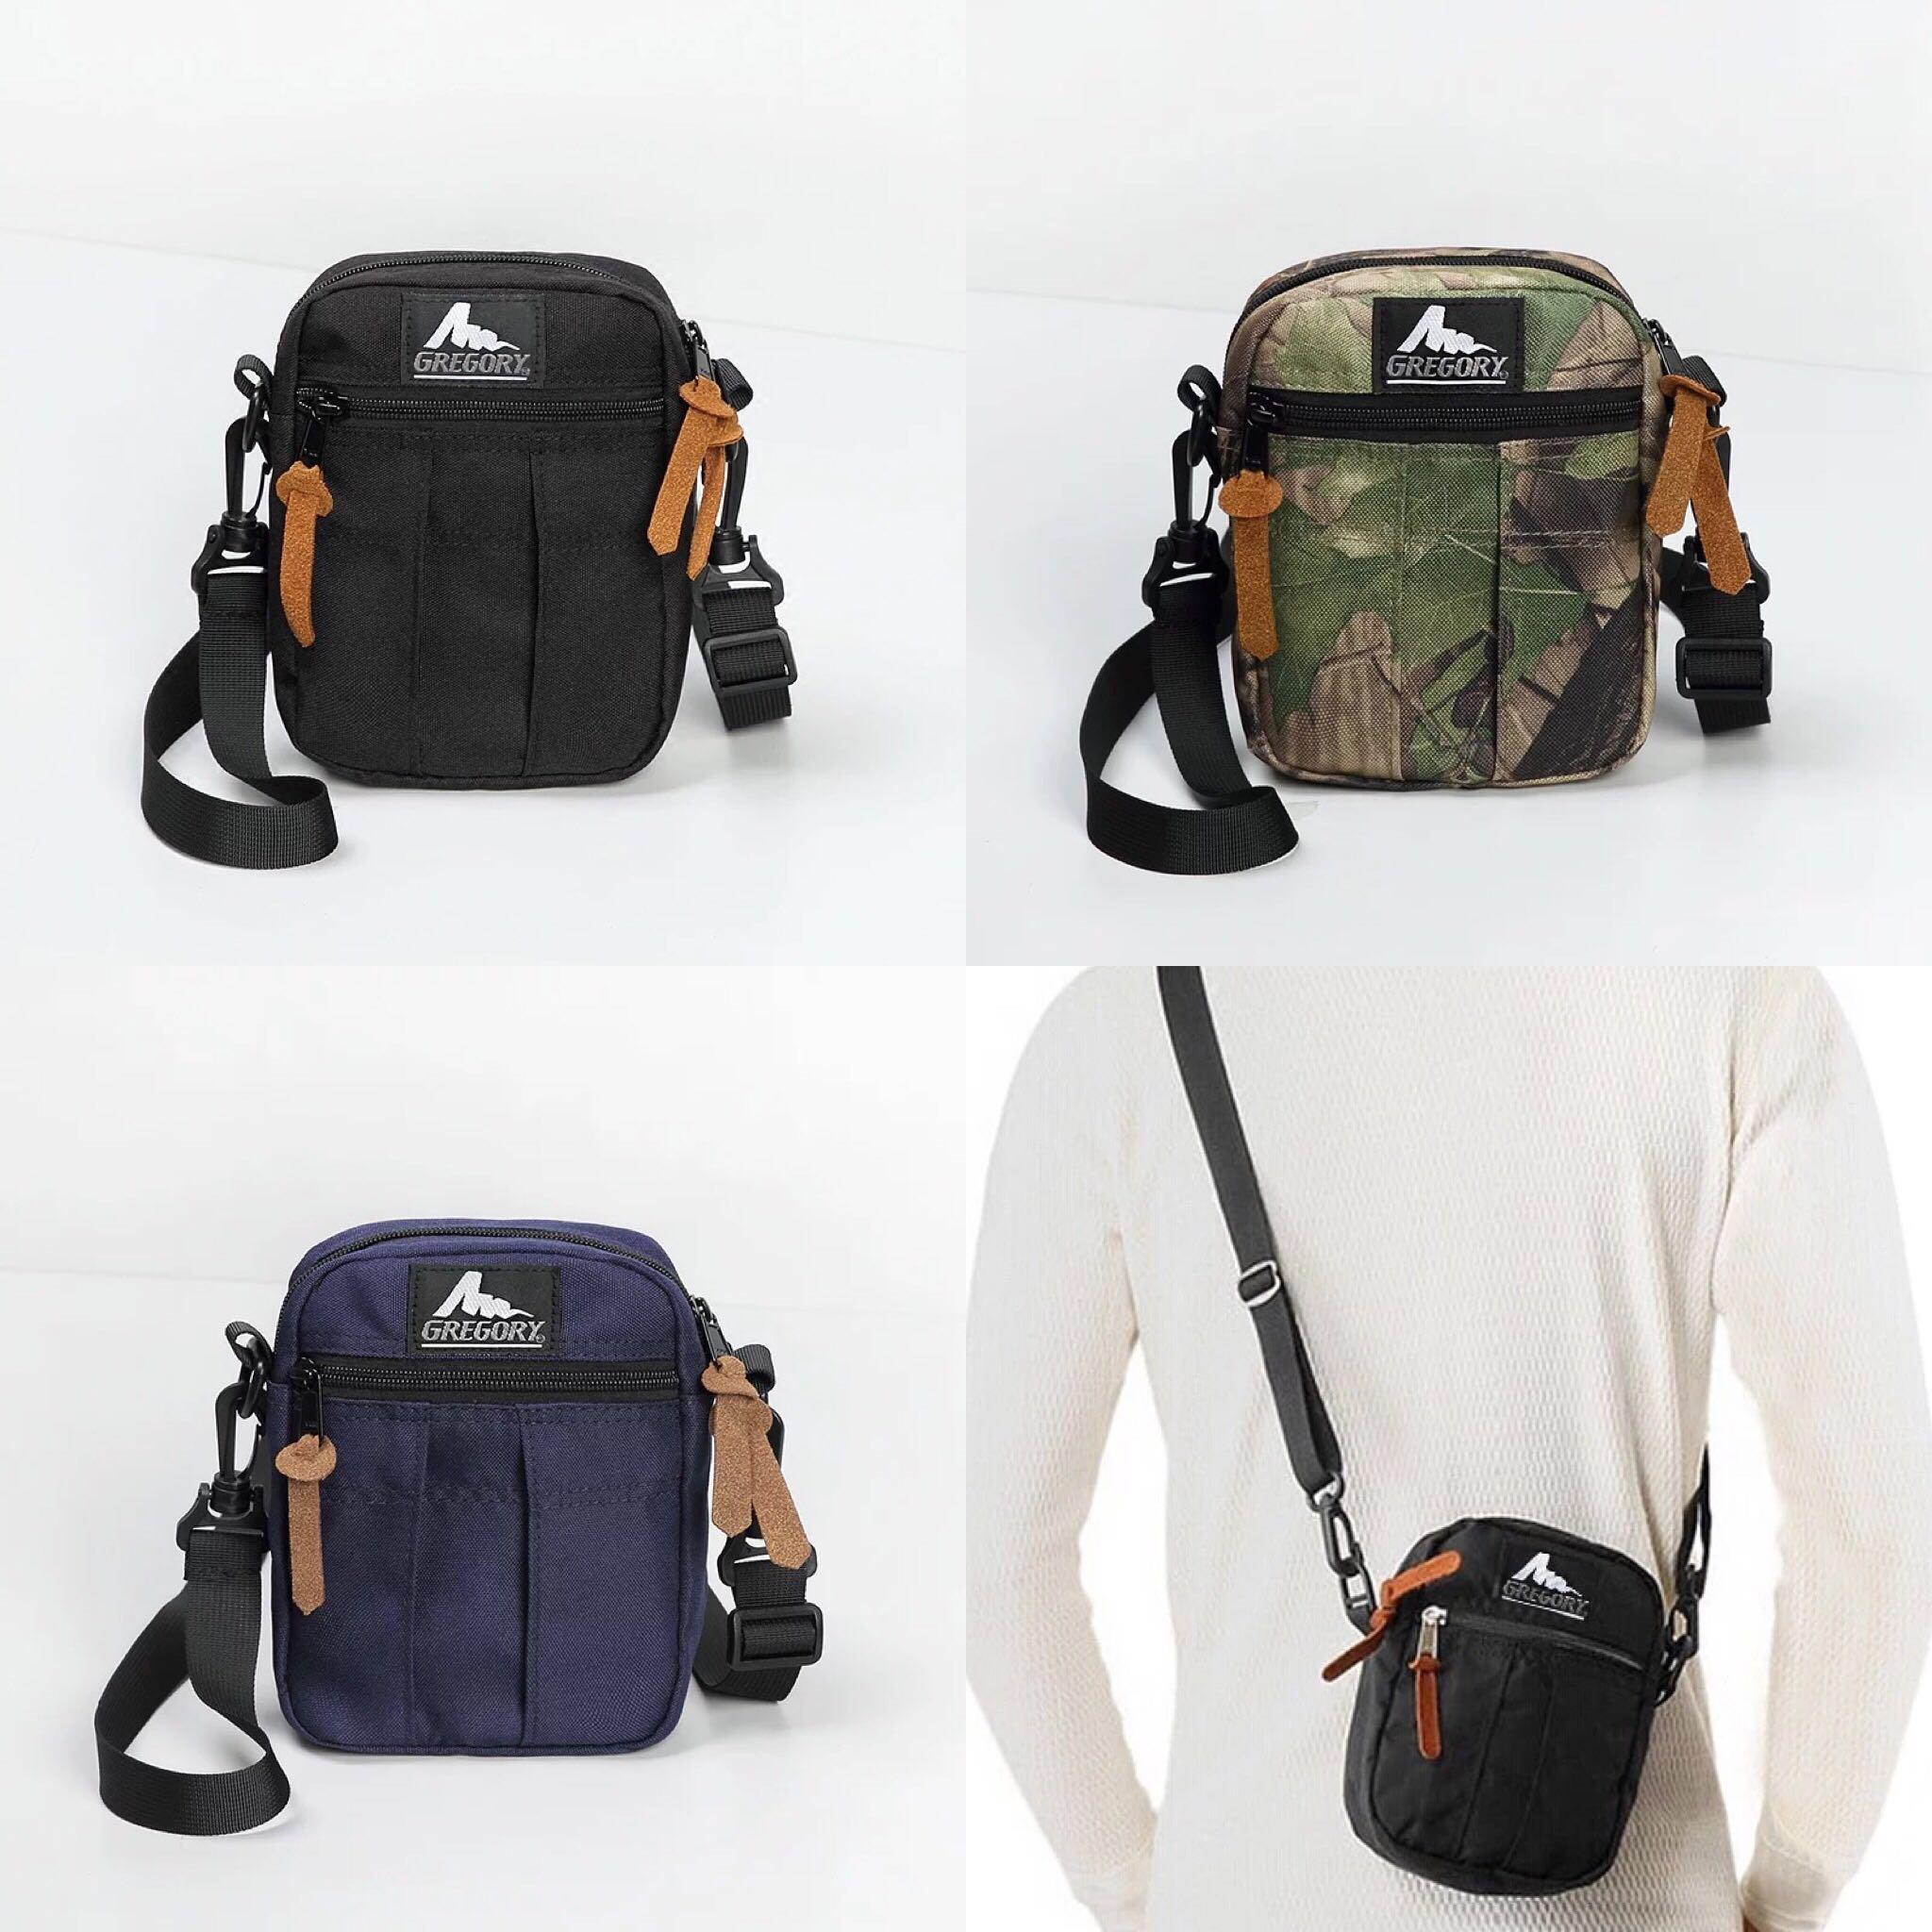 d1c3e104aa6b INSTOCKS Gregory Shoulder Bags